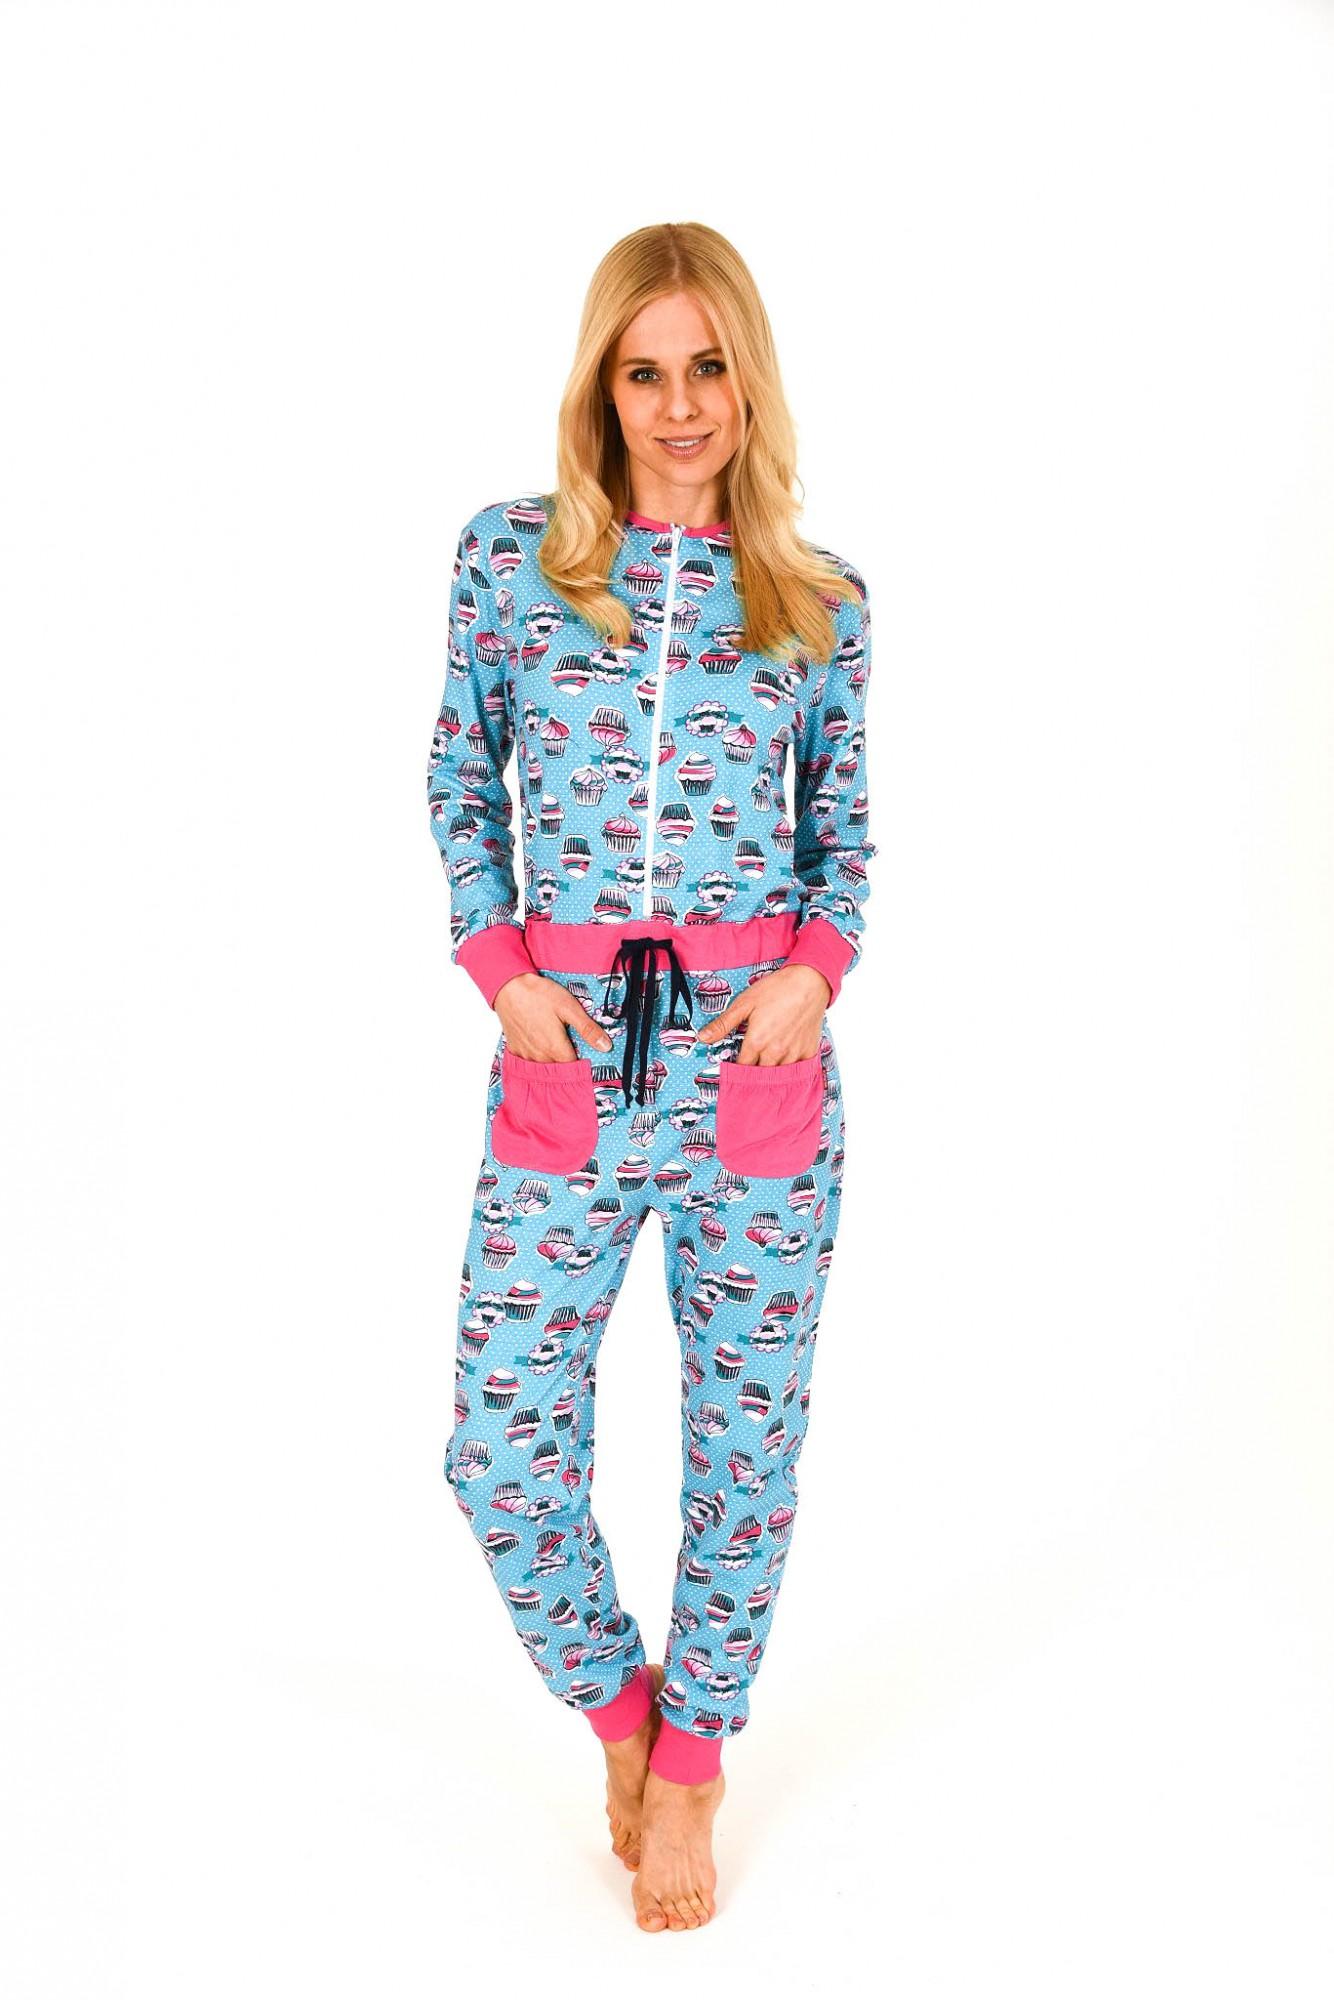 Damen Schlafanzug Einteiler Jumpsuit Overall langarm mit tollen Motiv 267 90 104 001